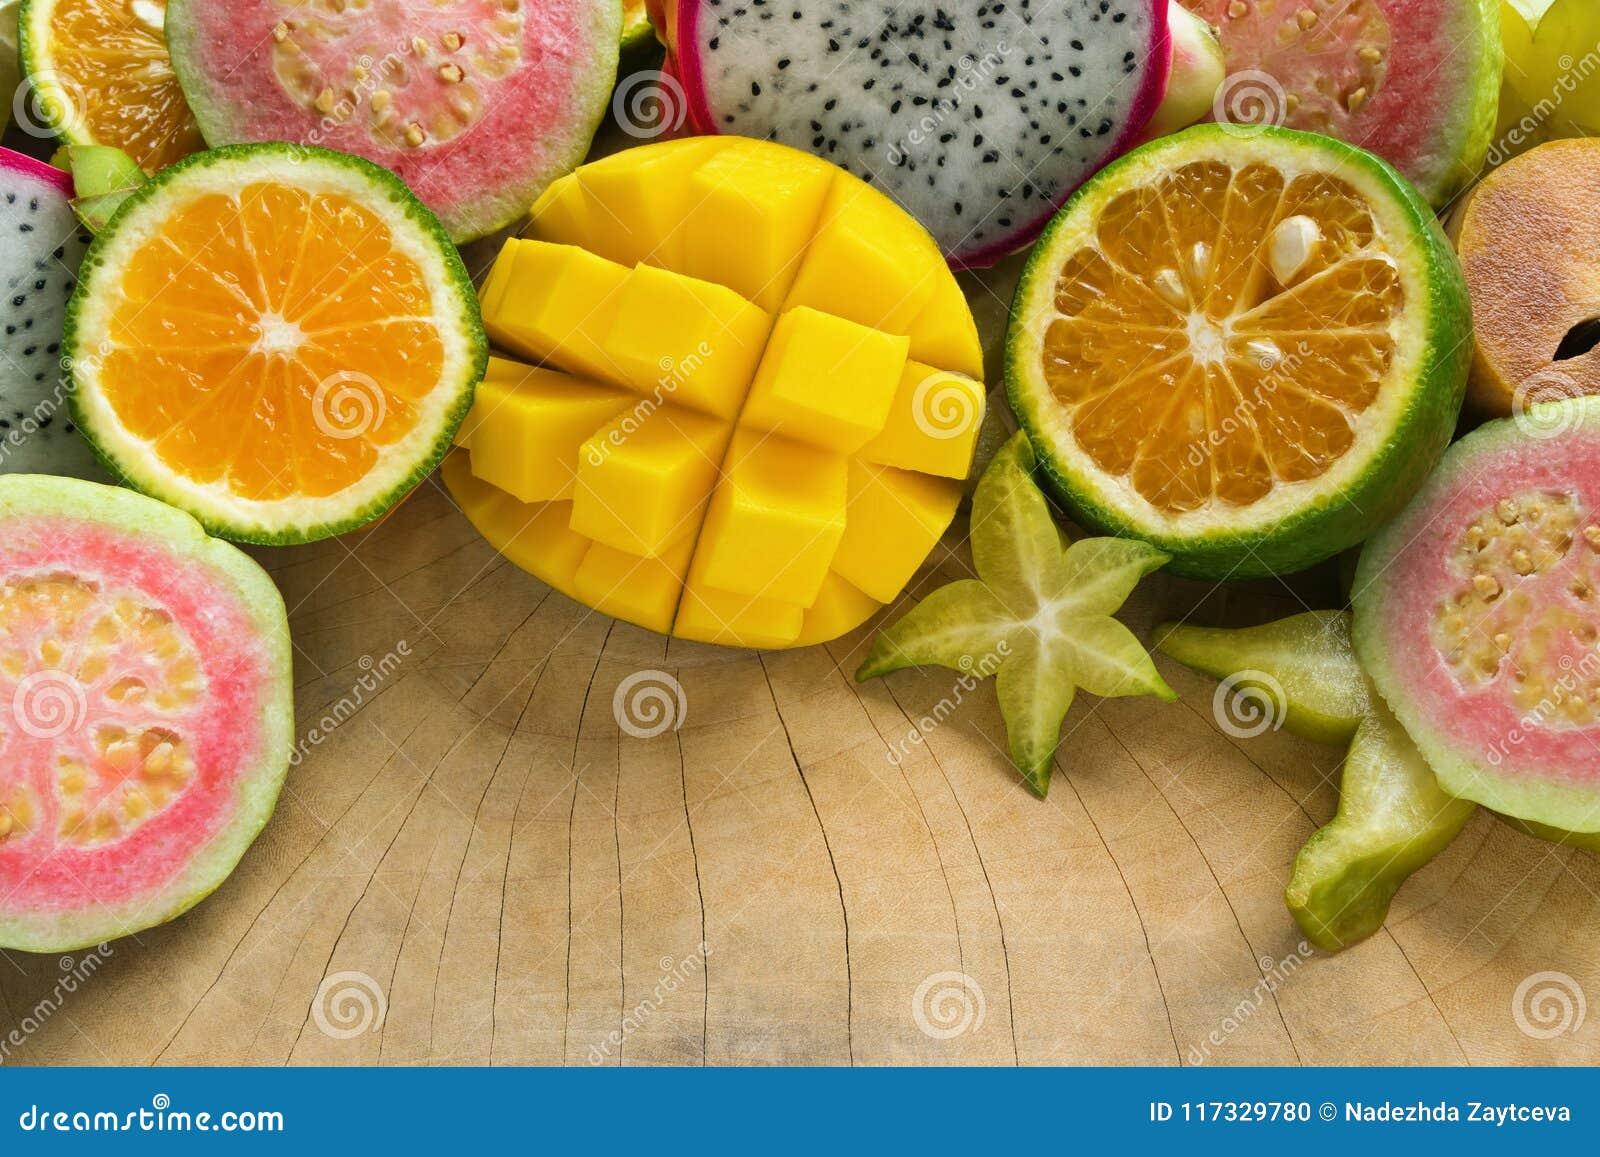 Tropische Früchte Mango, Tangerine, Guave, Drachefrucht, Sternfrucht, Sapotillbaum auf dem hölzernen Hintergrund